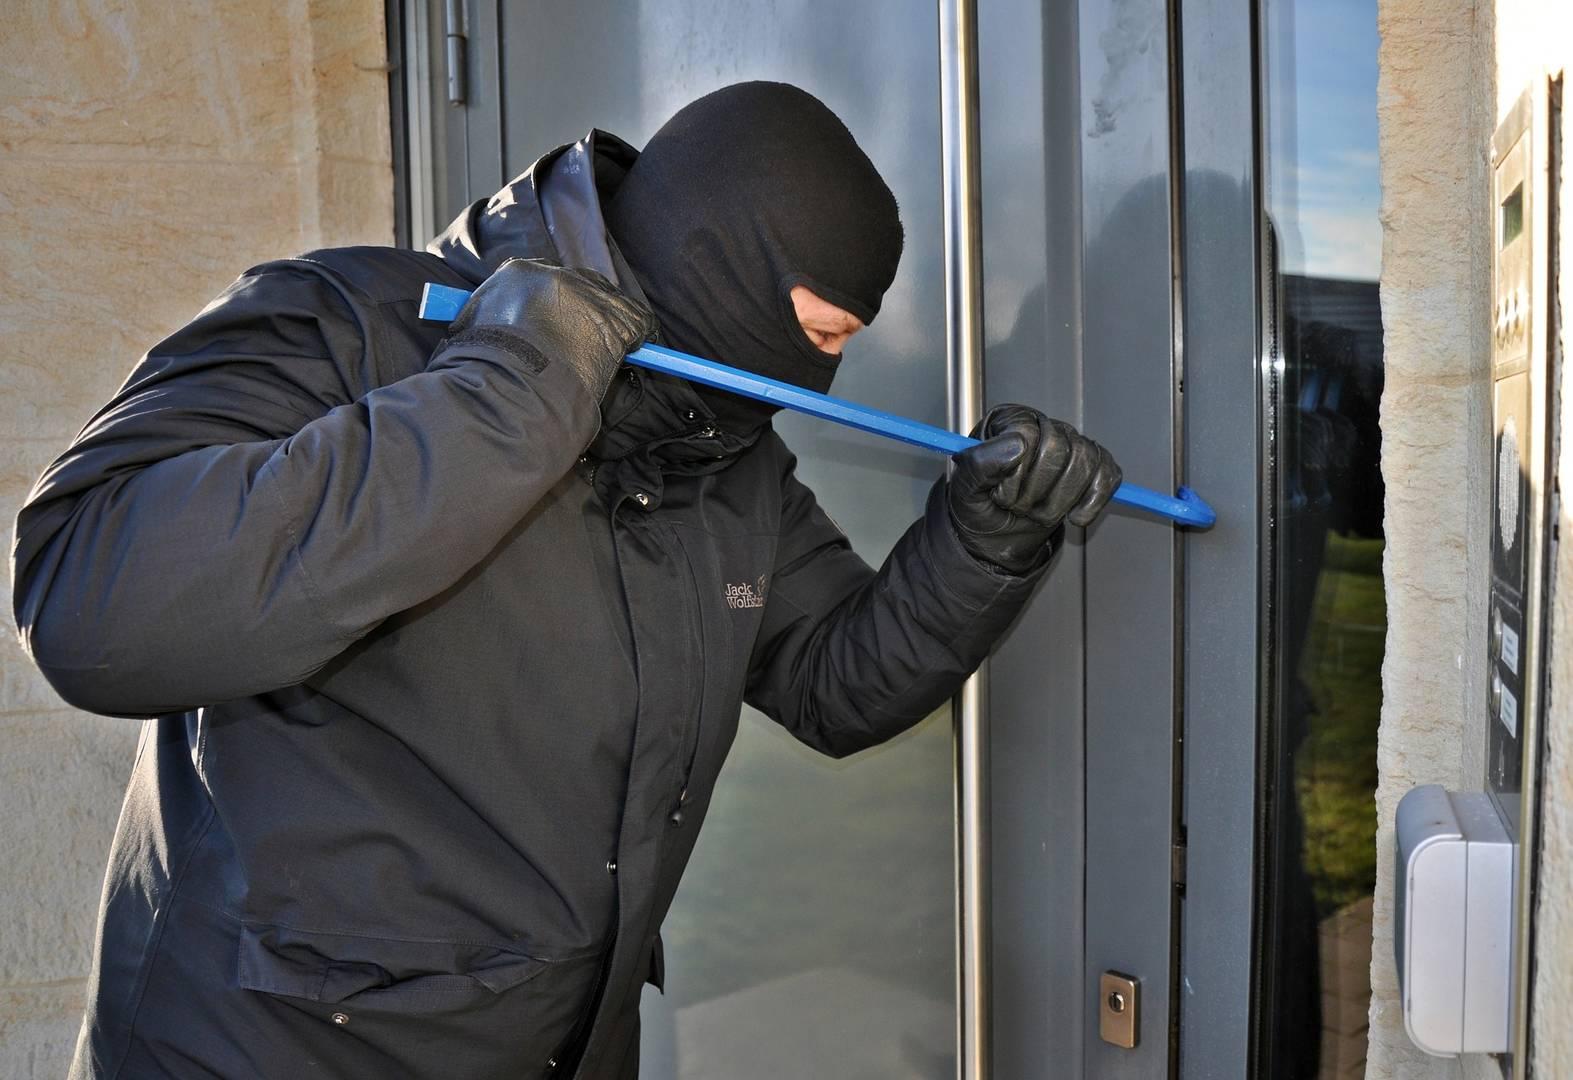 8 consejos indispensables para evitar robos en casa estas vacaciones 0